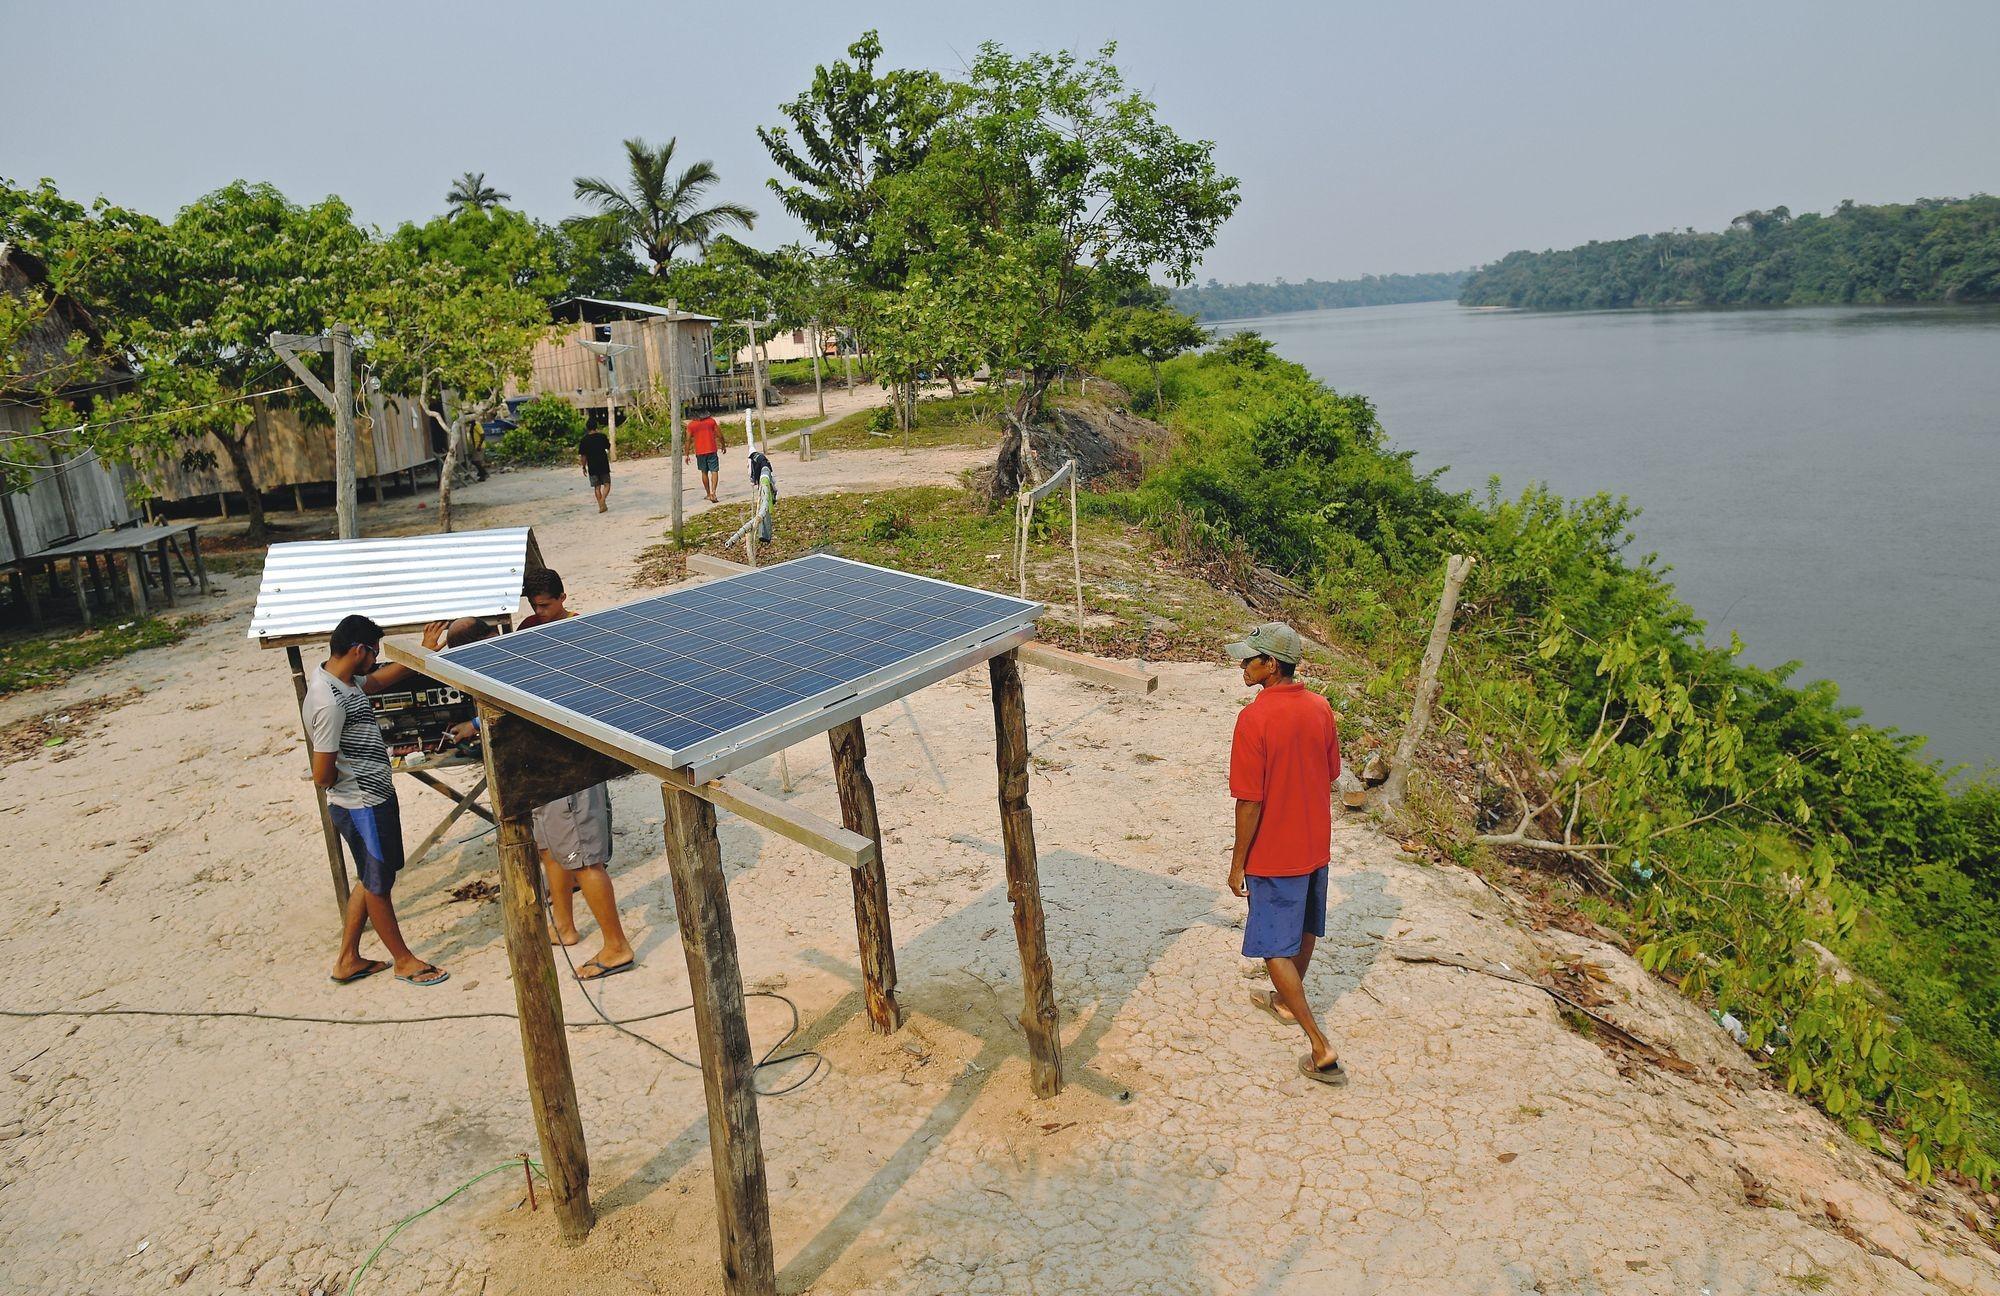 L'énergie solaire pour réduire les inégalités